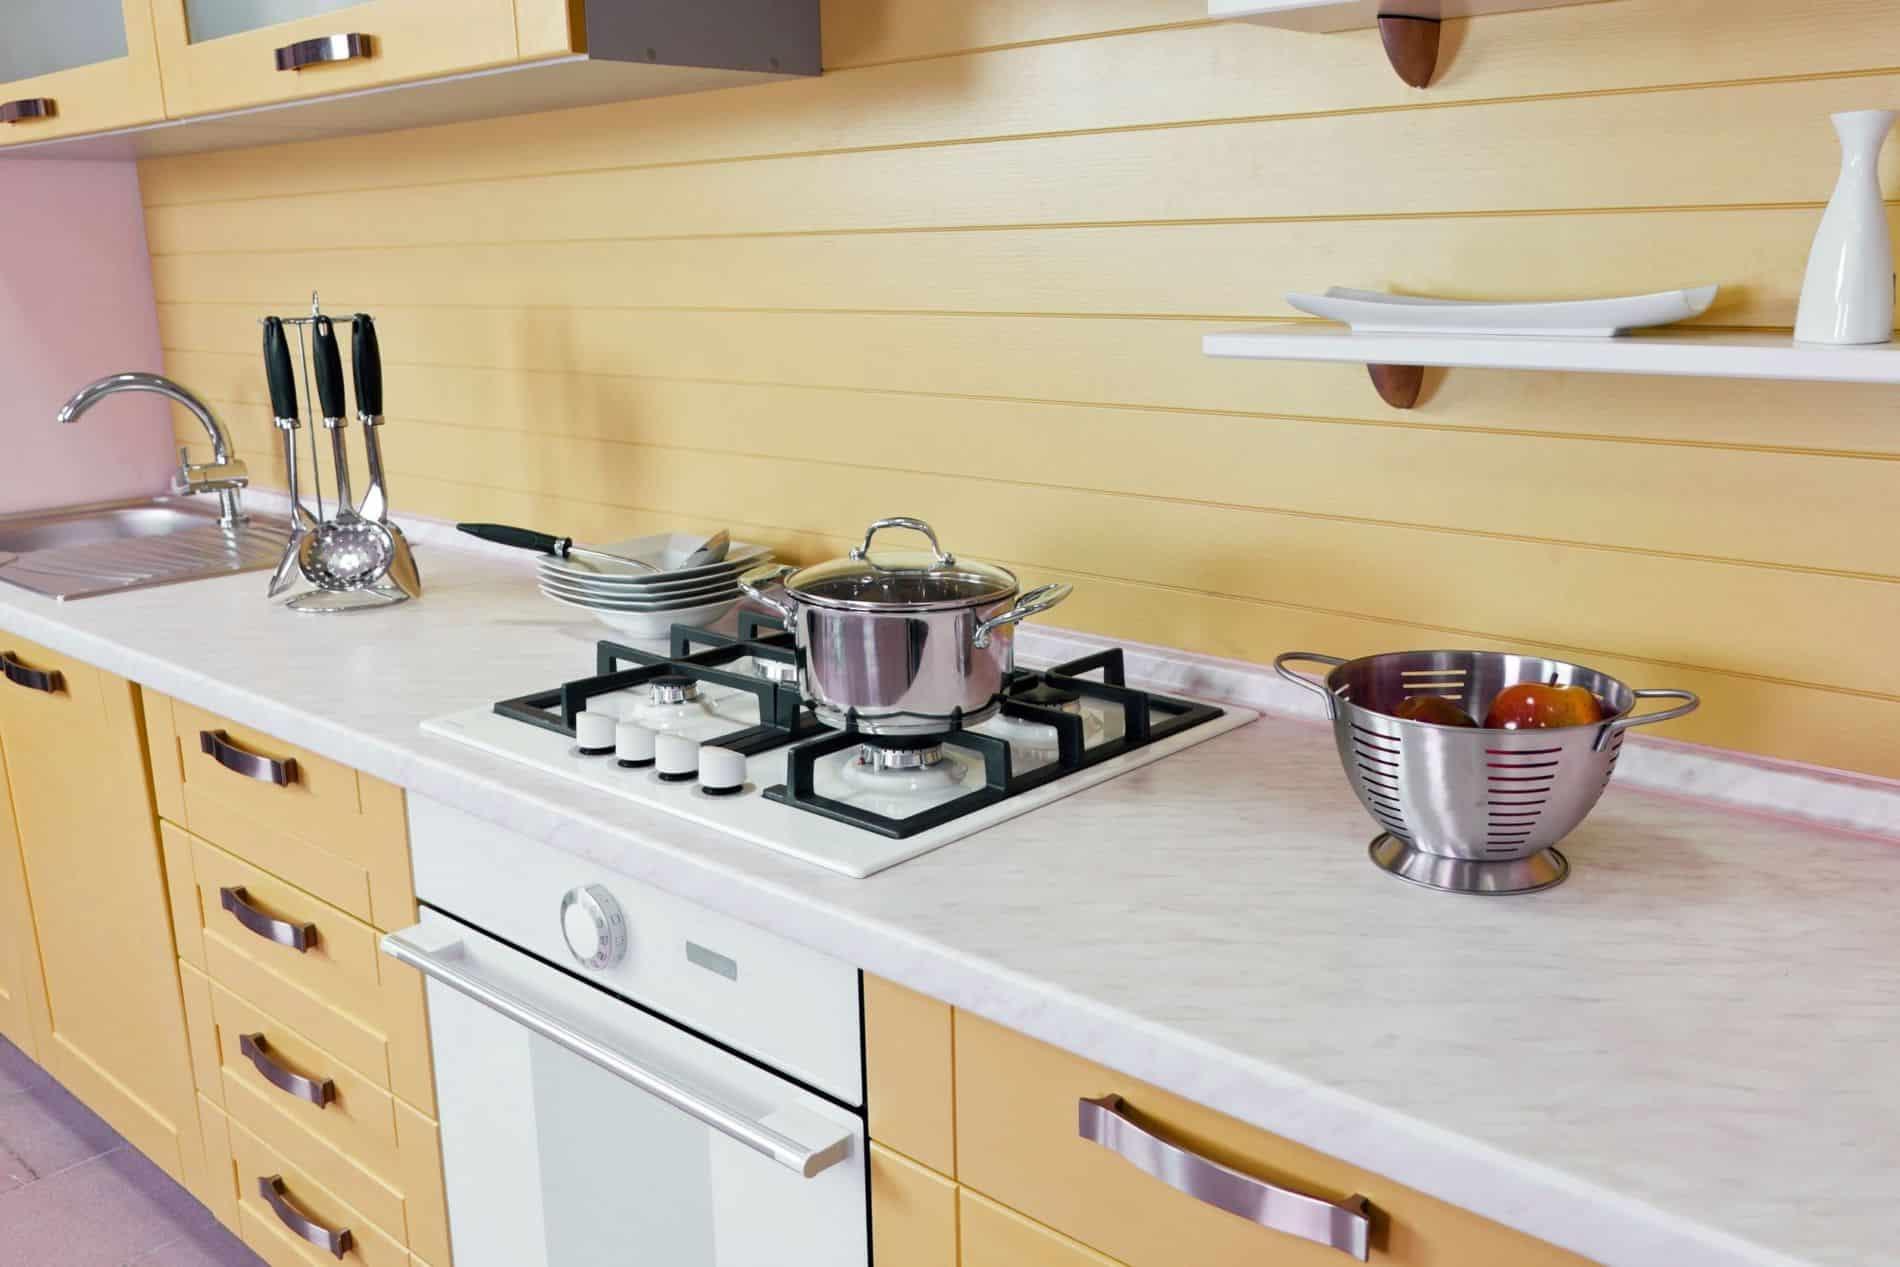 מטבח מודרני עם שיש דגם פורמייקה